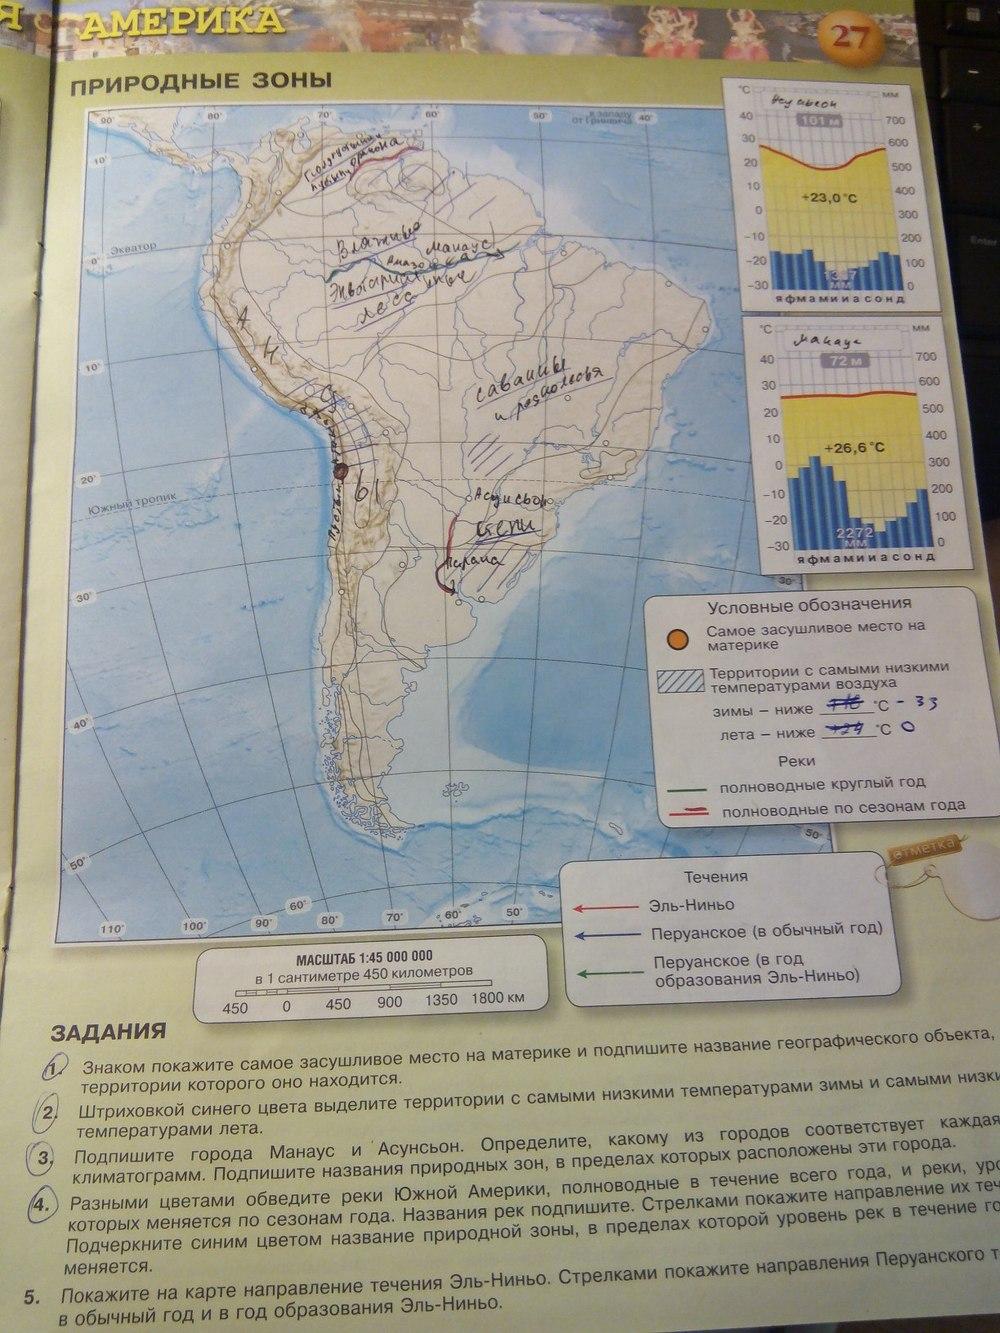 контурные карты по географии 7 класс издательство просвещение ответы